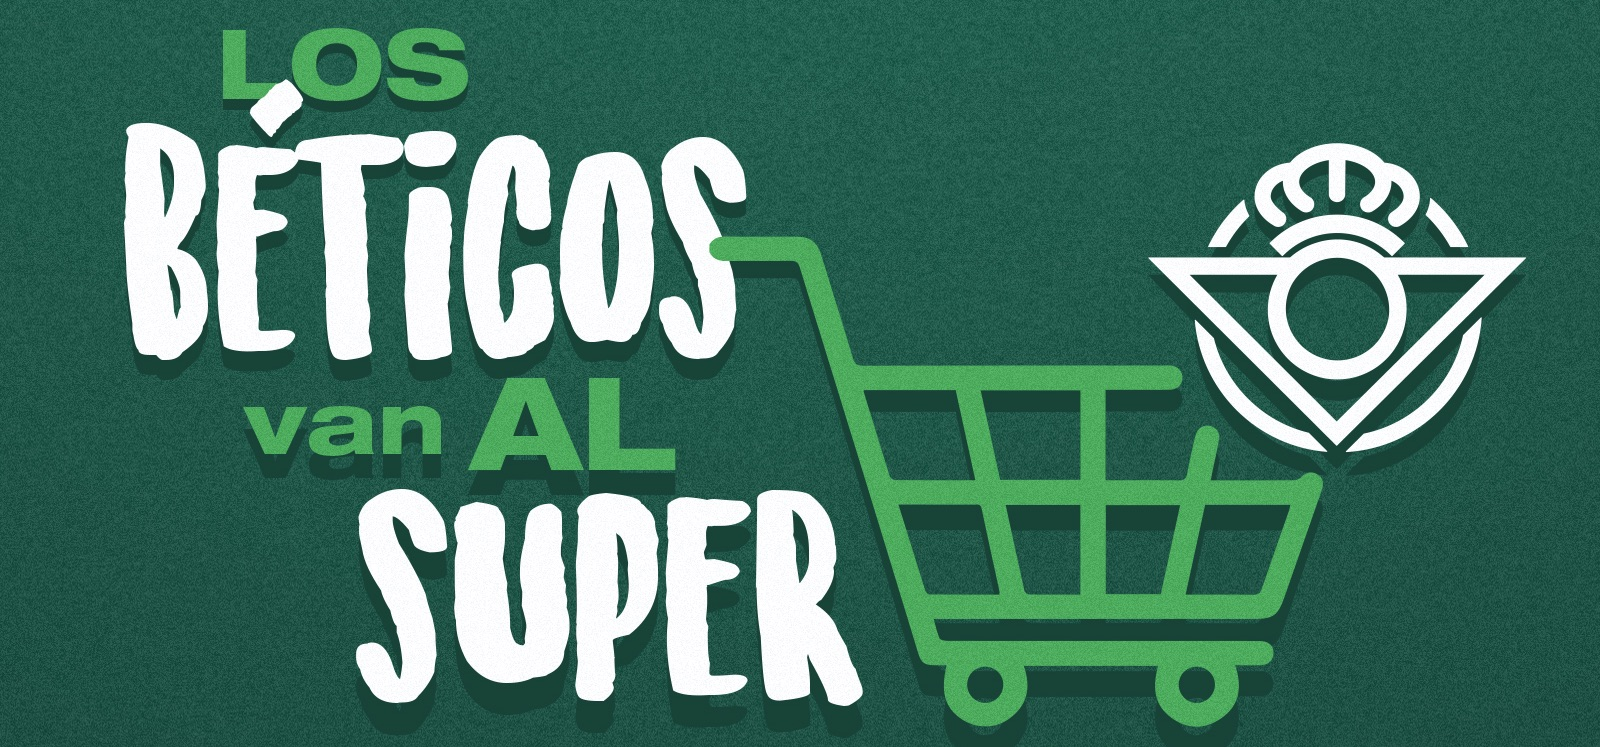 Accede a la página web http://www.losbeticosvanalsuper.com donde podrán 'adquirir' las siguientes cestas béticas de alimentos.